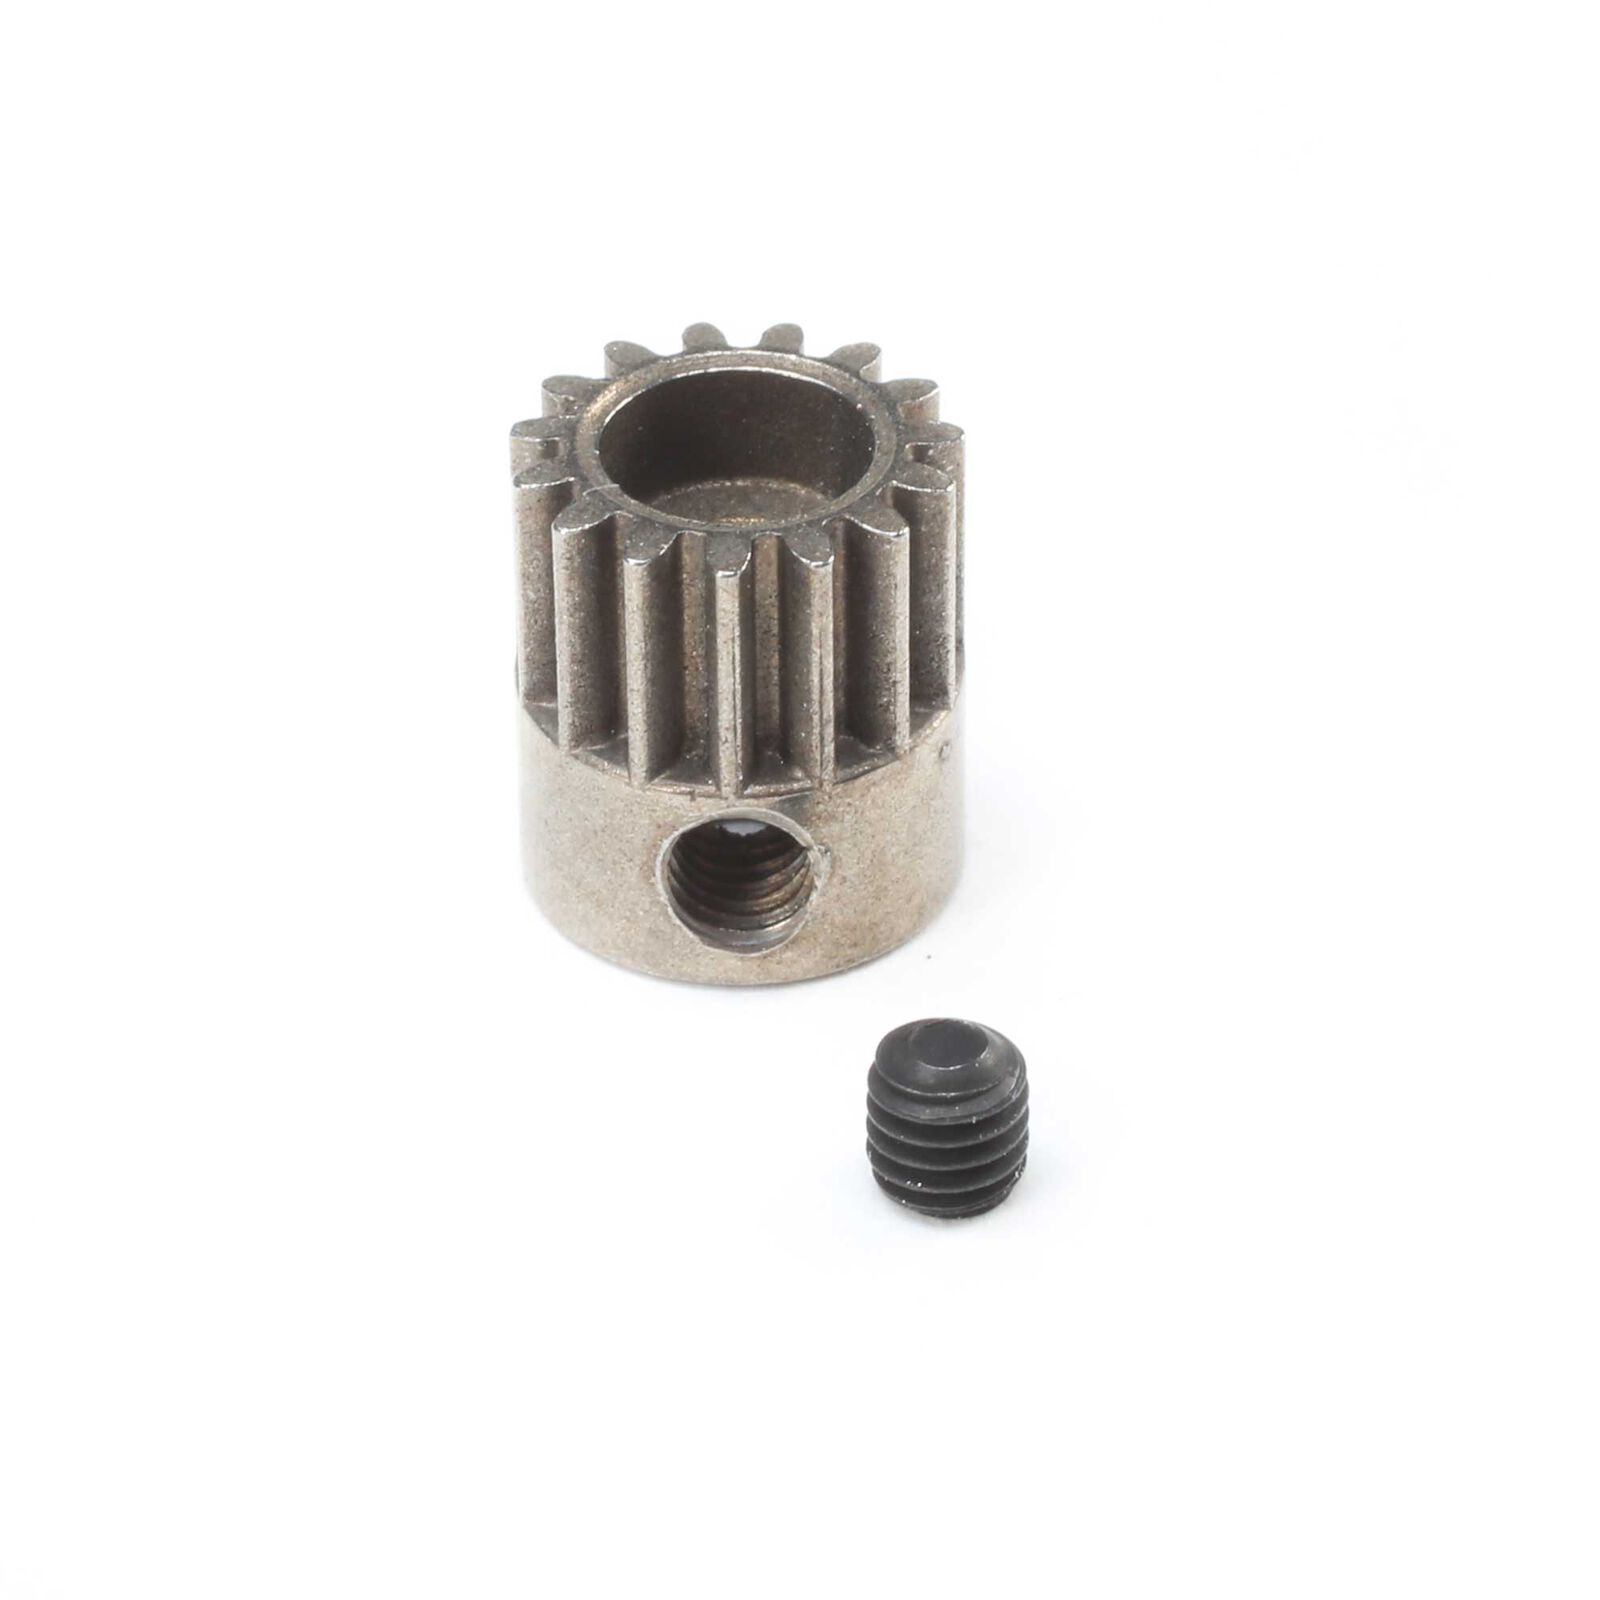 Pinion Gear, 15T 2mm Mod 0.5